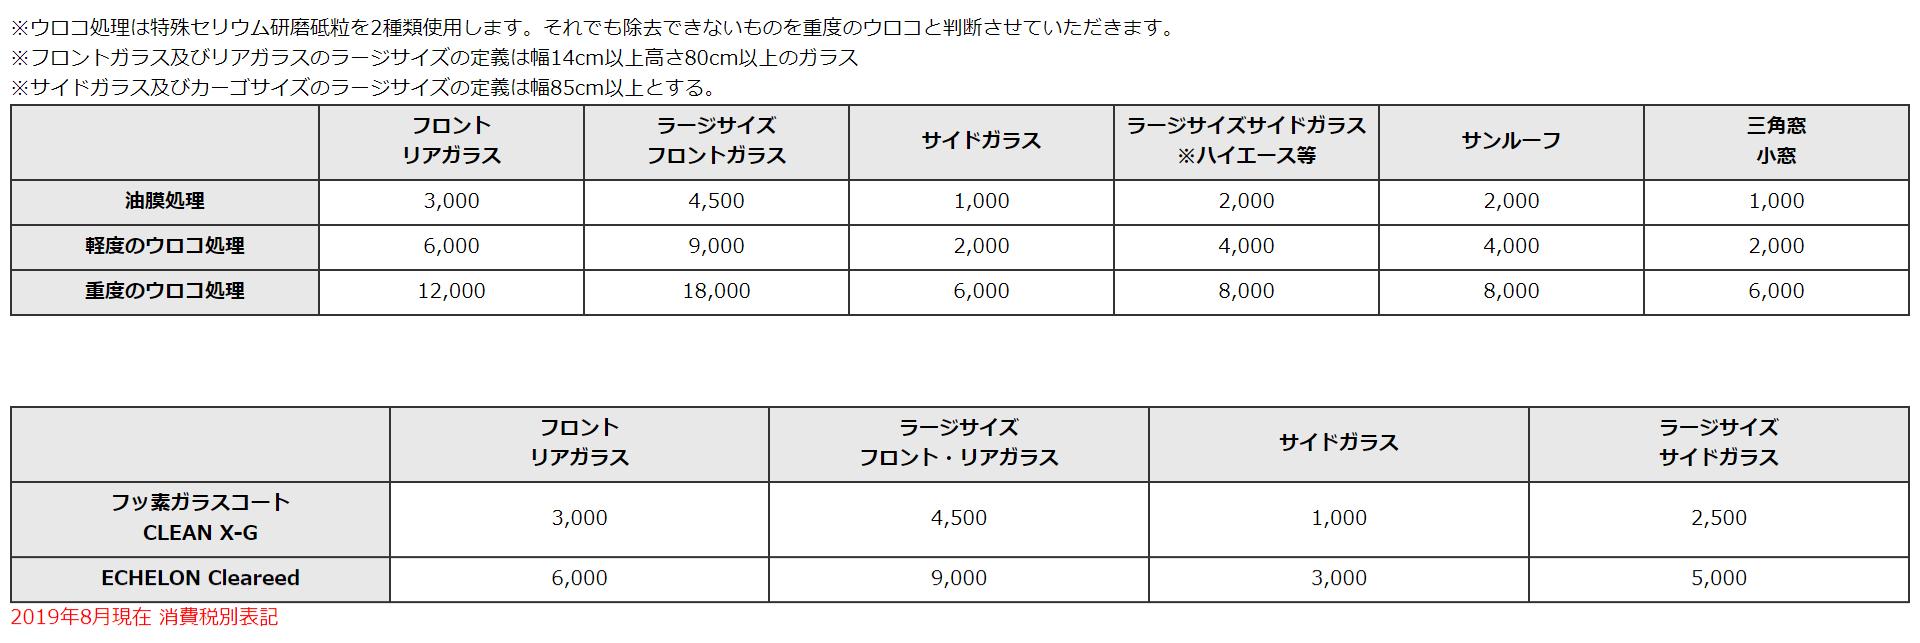 ガラス撥水処理価格表